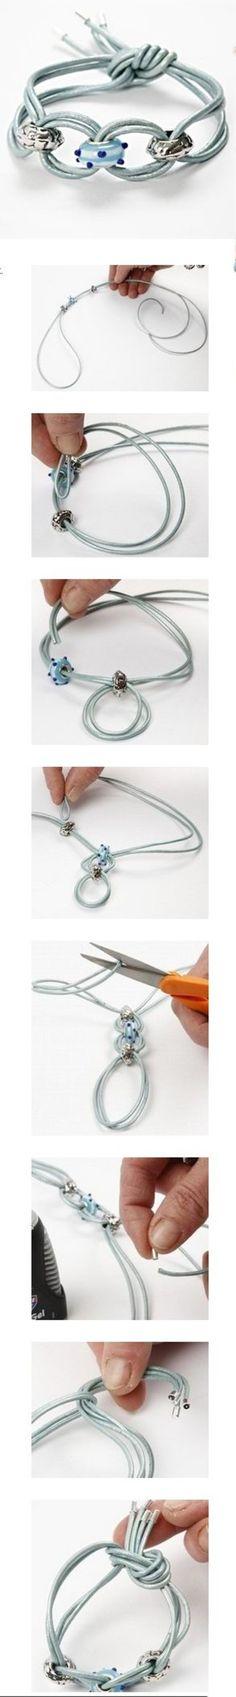 原创地址:http://www.cchobby.com/idea/11711-fashion-jewellery-with-fashion-links-on-a-leather-cord.aspx 70CM(测量你的手腕,双击它,并添加20厘米)。. 双击线和螺纹的魅力在皮革上线。